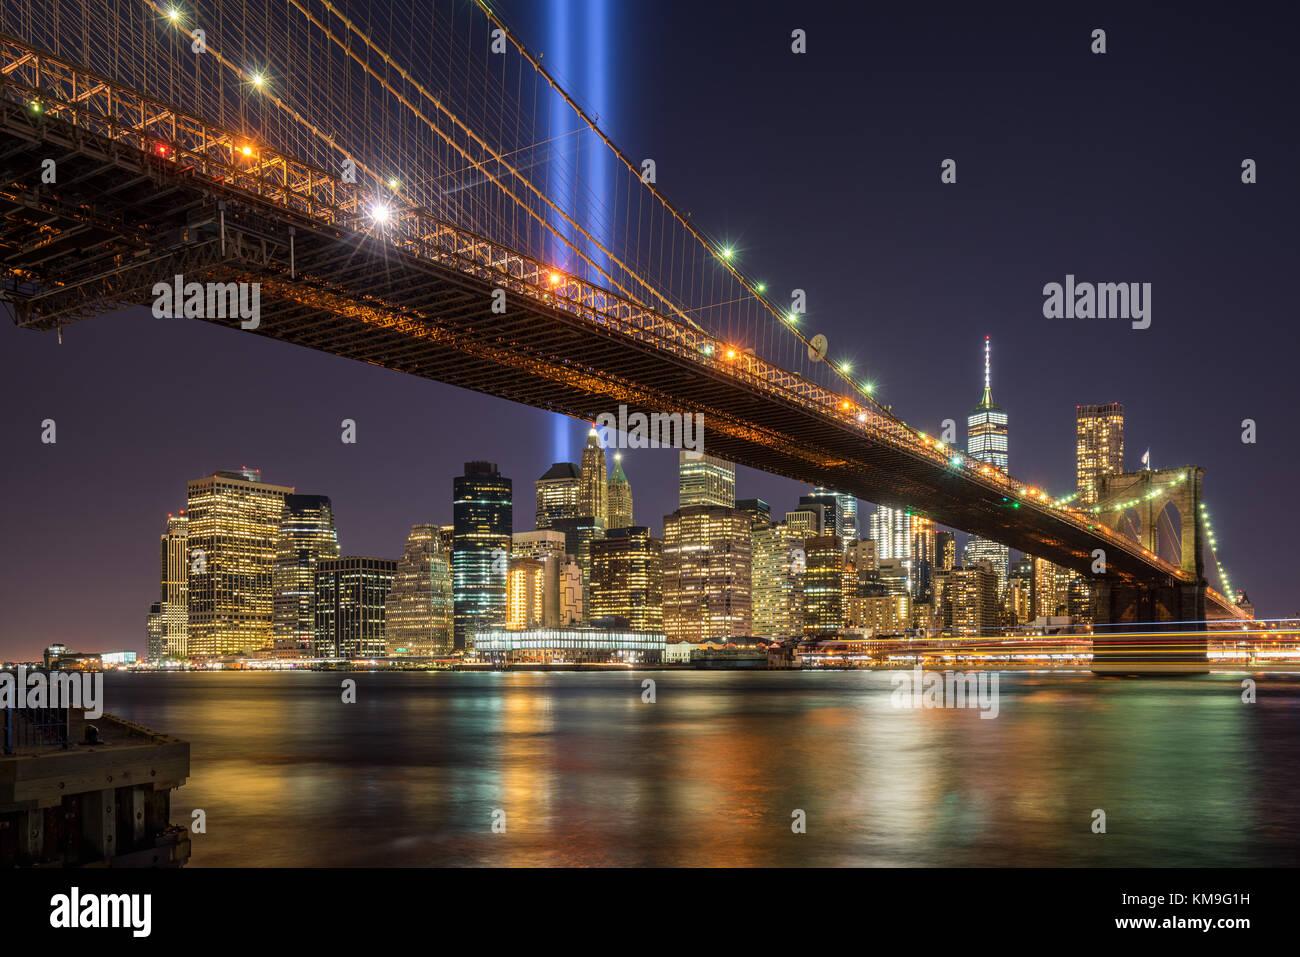 Homenaje a la luz con el puente de Brooklyn y los skycrapers de Lower Manhattan. El distrito financiero, la ciudad Imagen De Stock